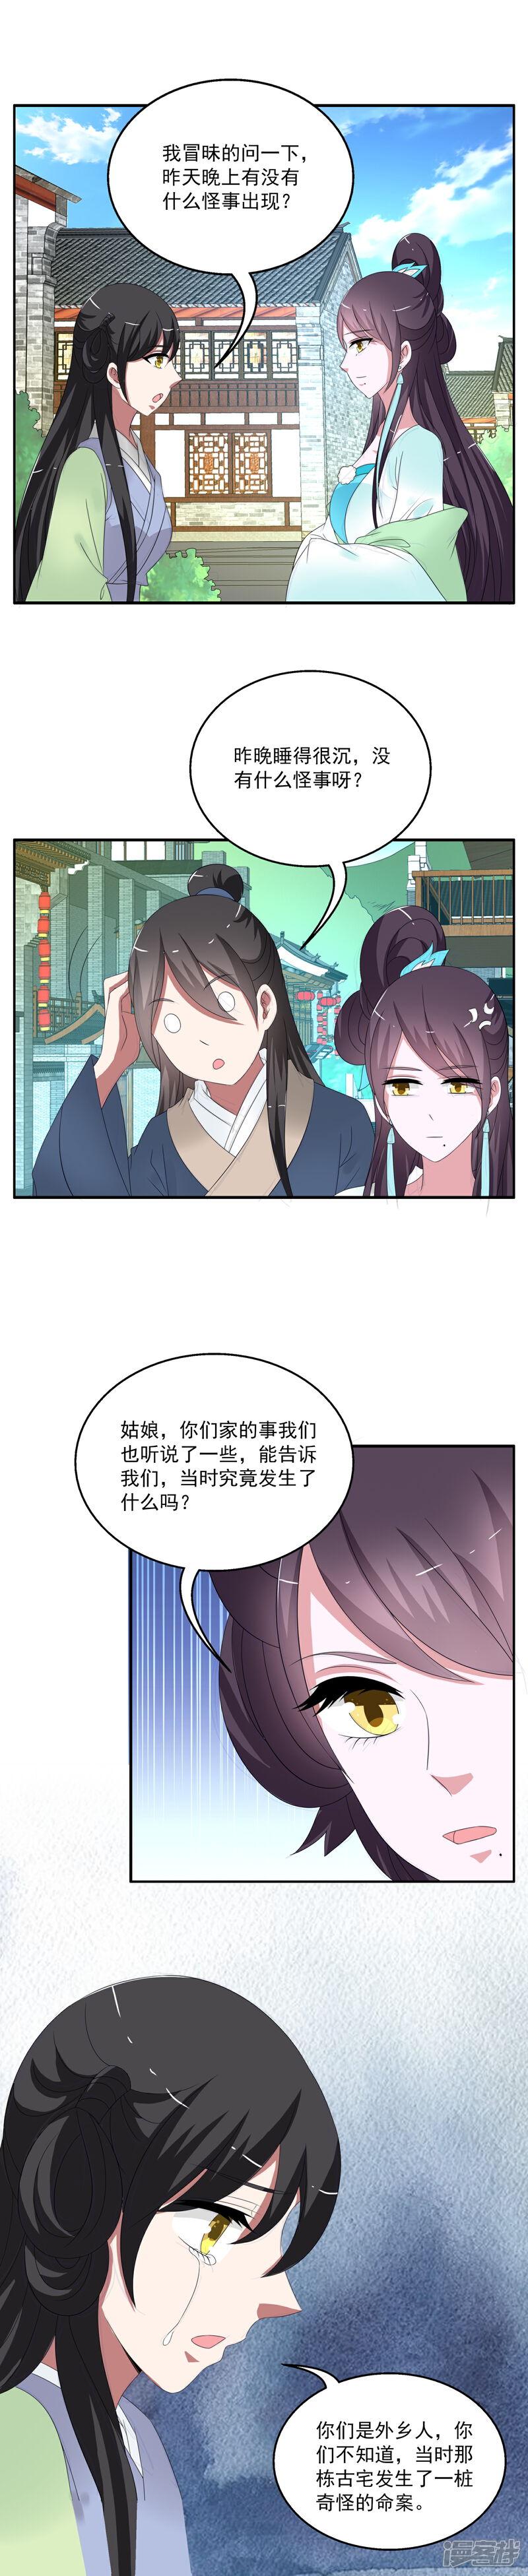 洛小妖163 (5).JPG